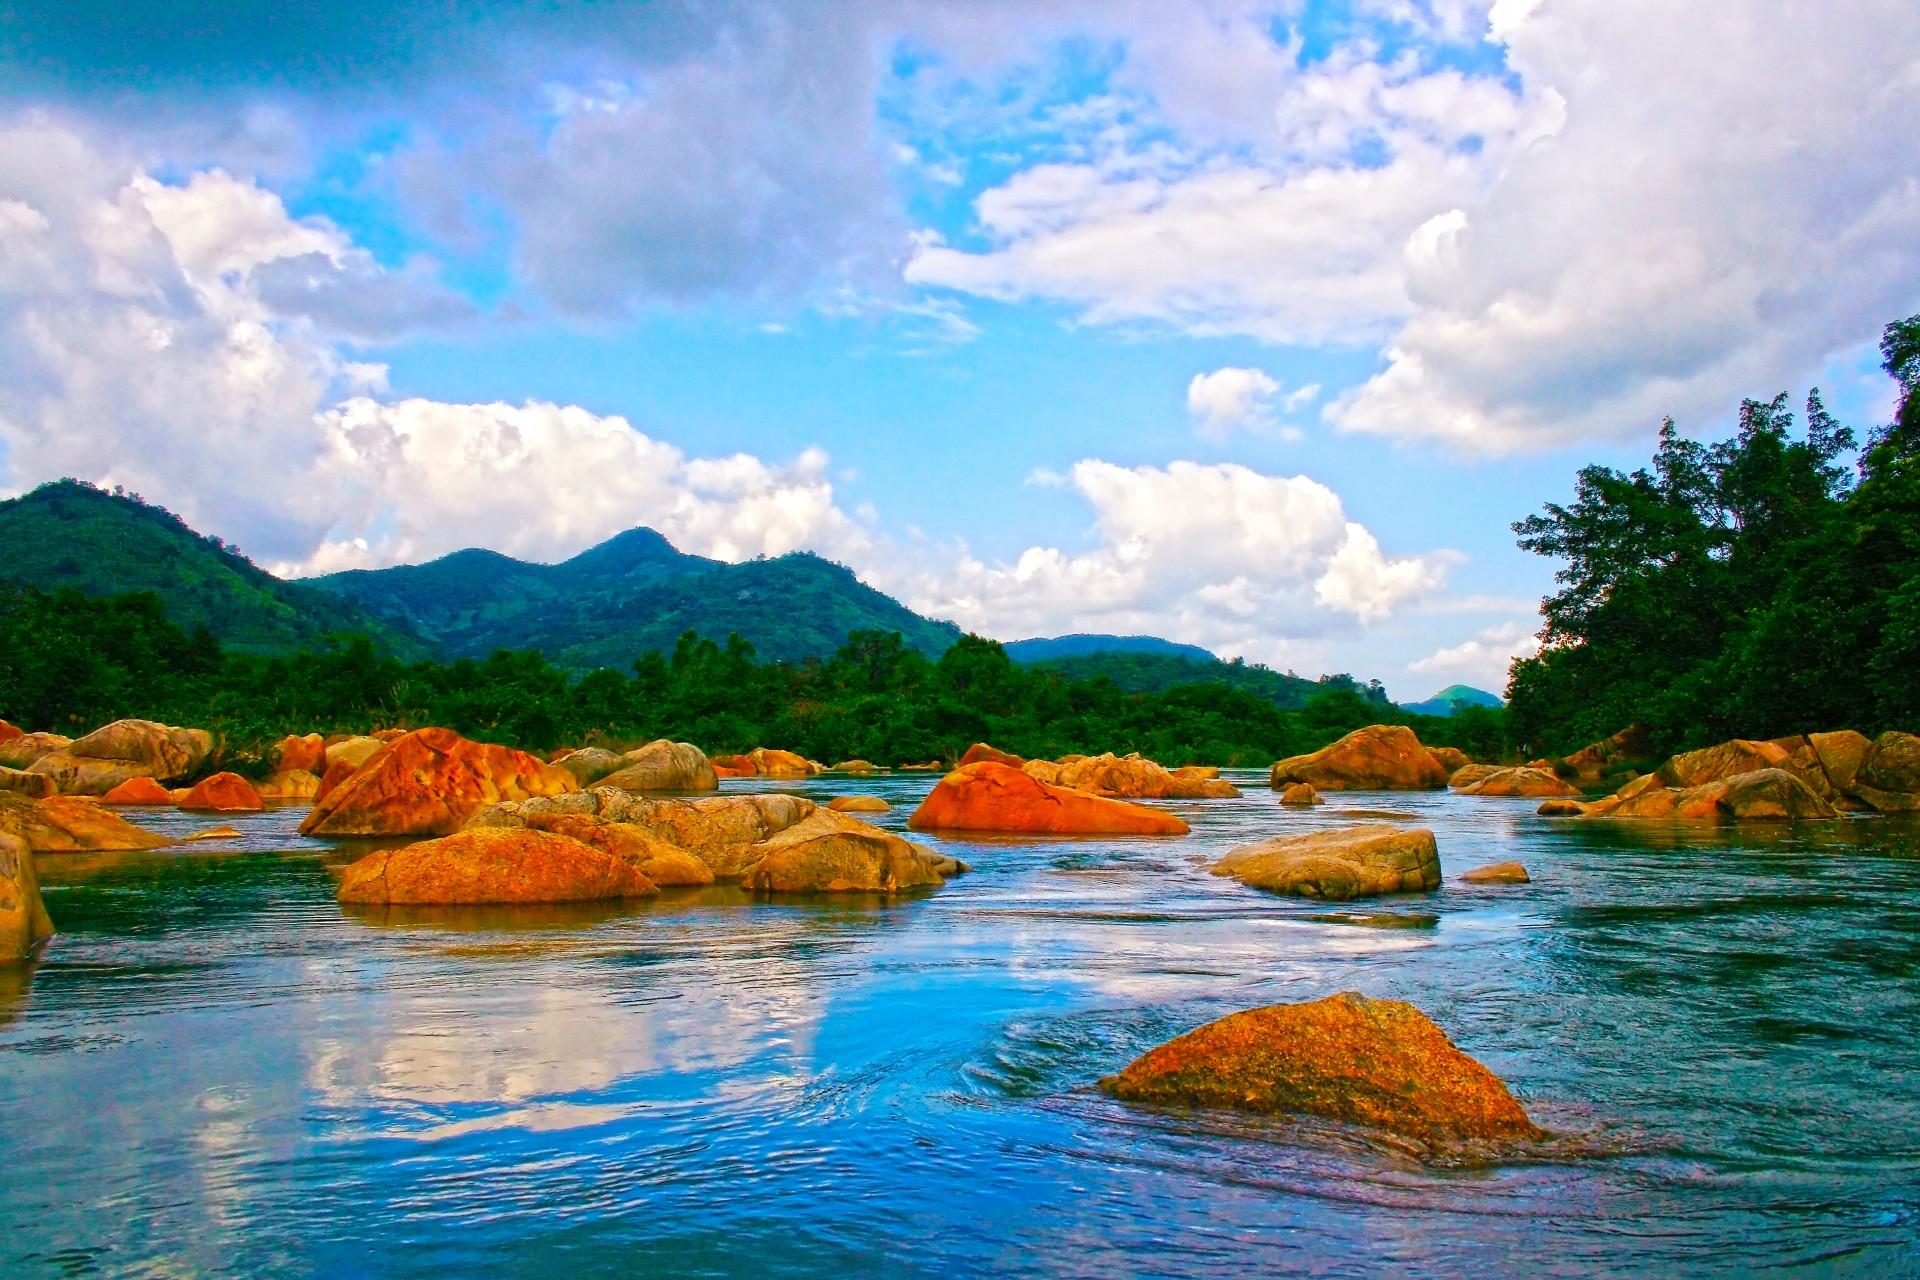 Free Public Domain Landscapes